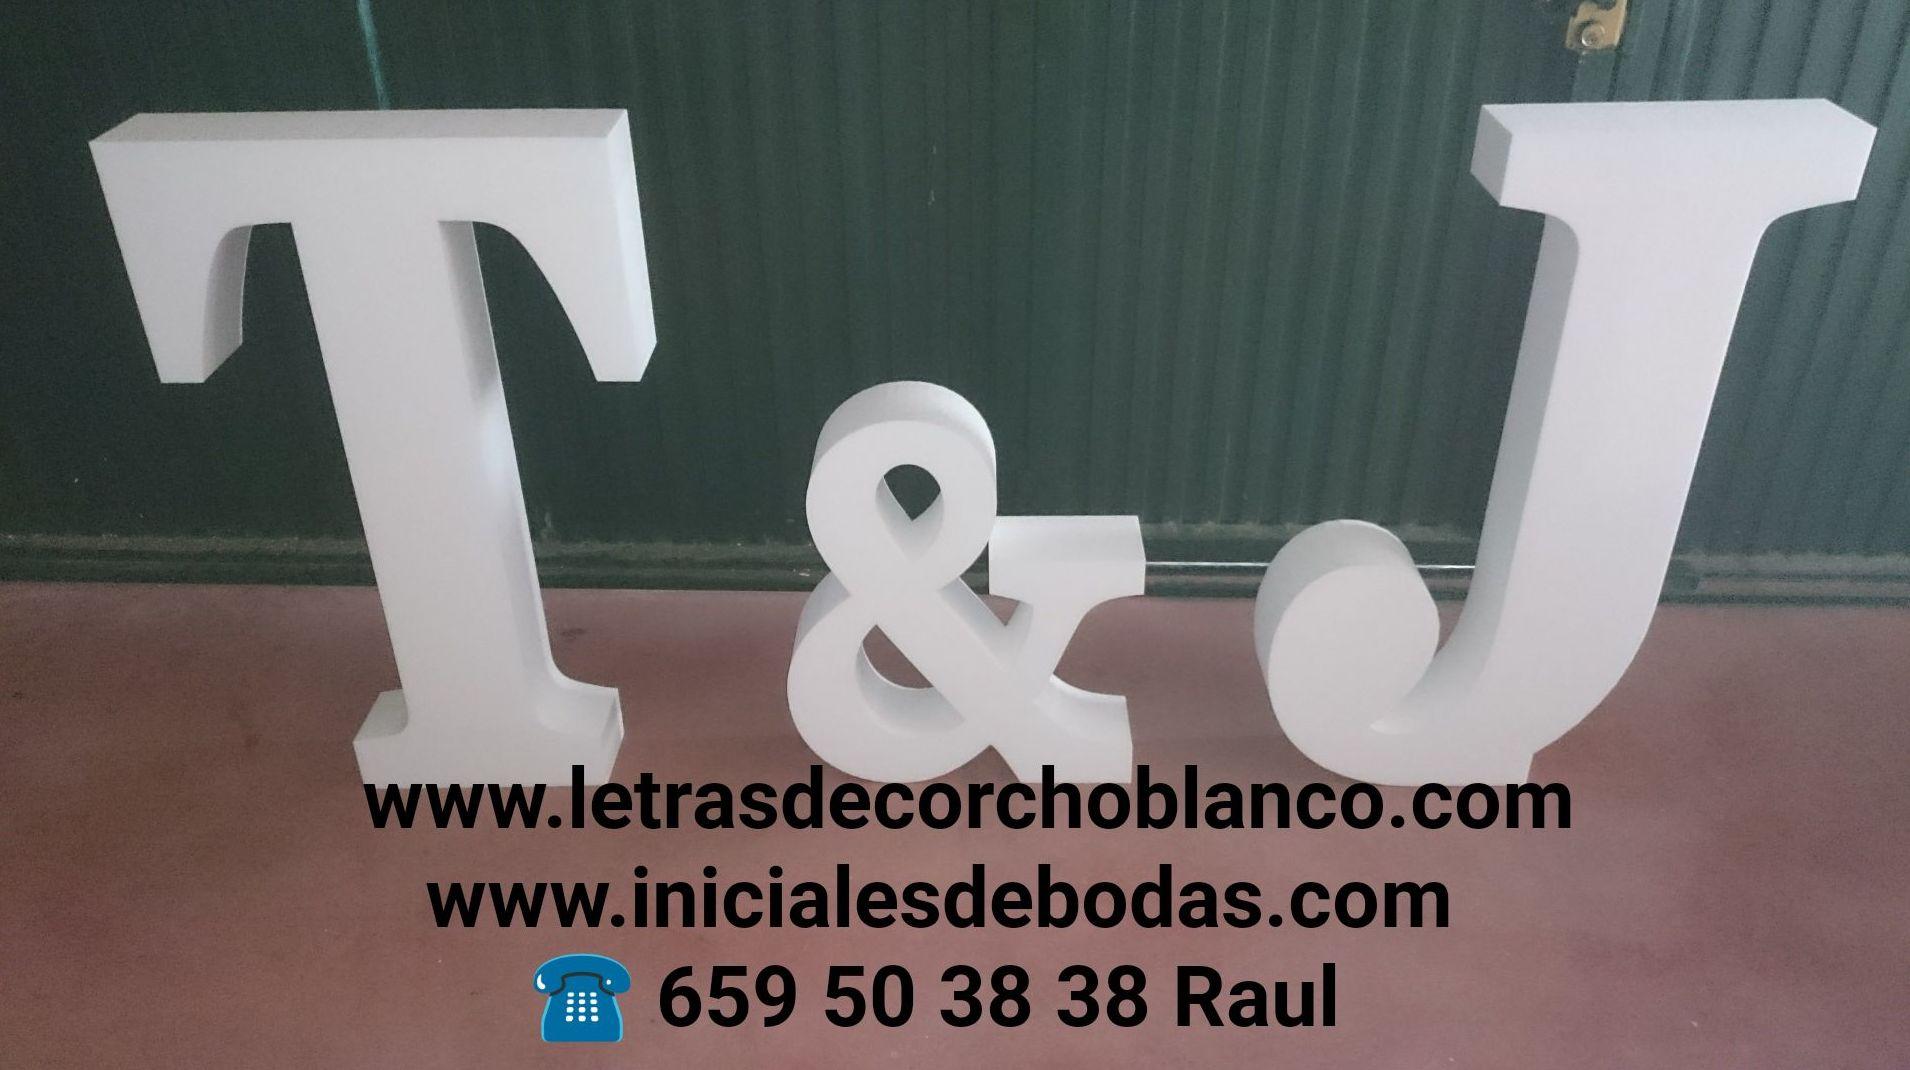 letras de corcho blanco madrid